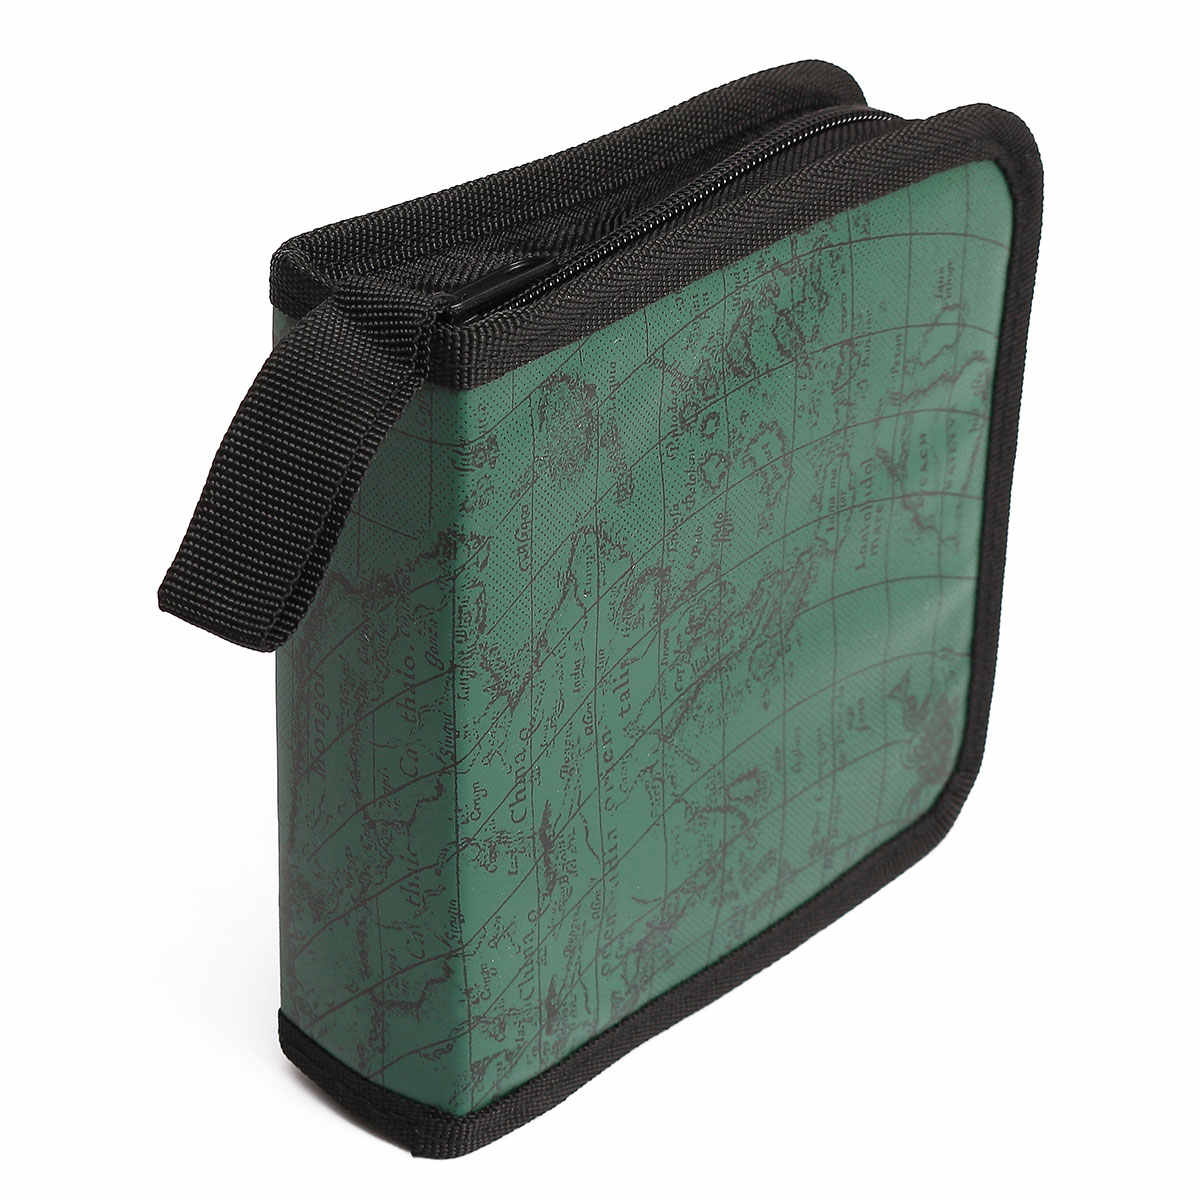 40 דיסק לשאת תיבת בעל חבילה רכב אחסון תיק מקרה אלבום DVD CD ארגונית מגן כיסוי בית מפת פס